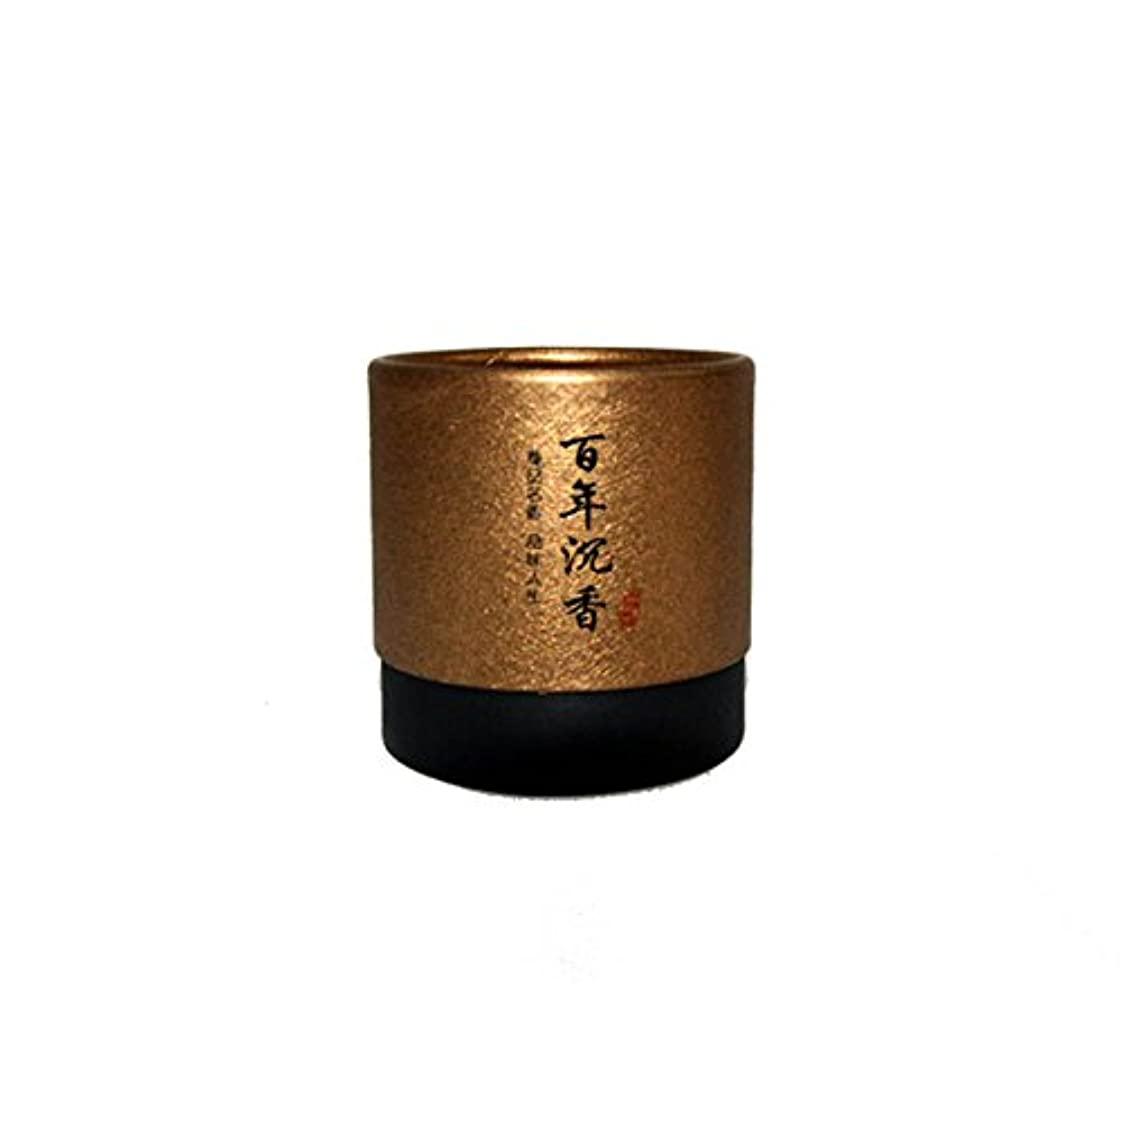 放散する豆腐リーダーシップ天然仏香; ビャクダン; きゃら;じんこう;線香;神具; 仏具; 一护の健康; マッサージを缓める; あん摩する